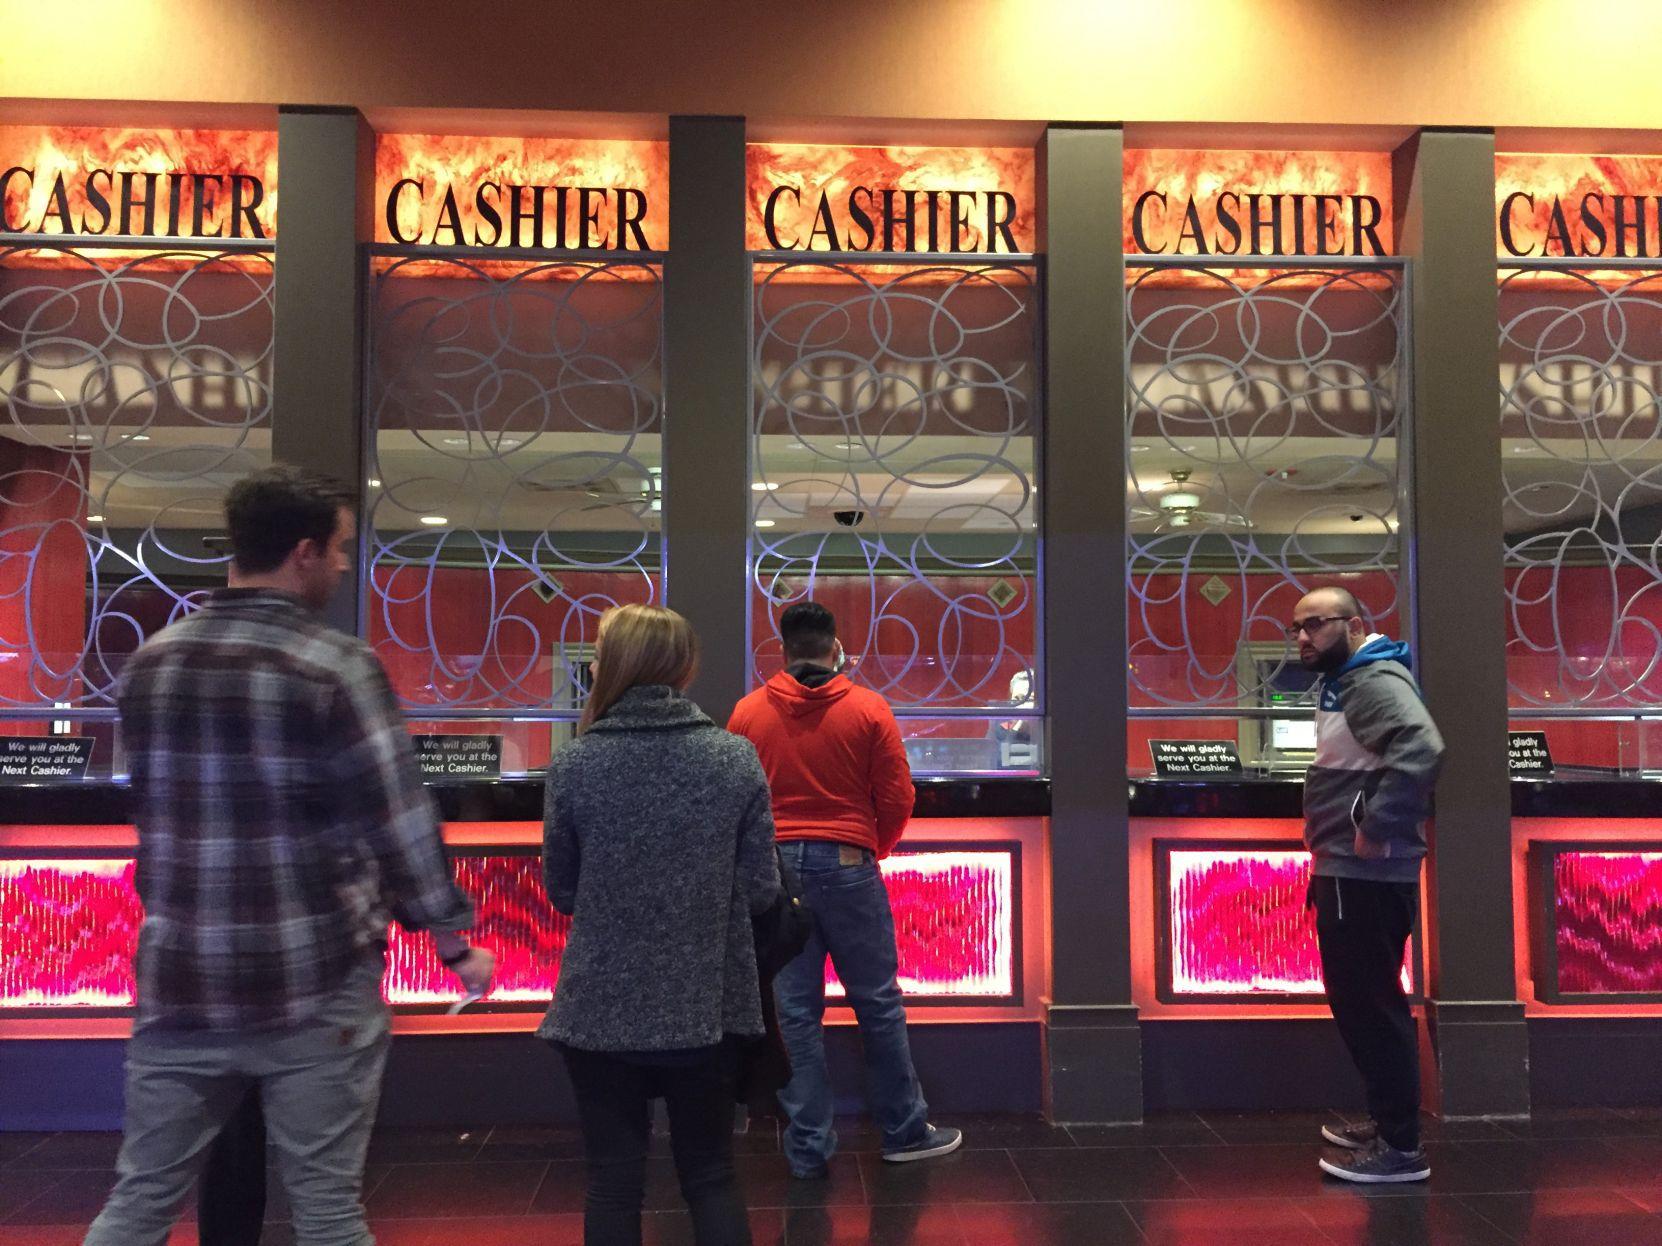 Taj Mahal closes 26 years after Trump opened casino